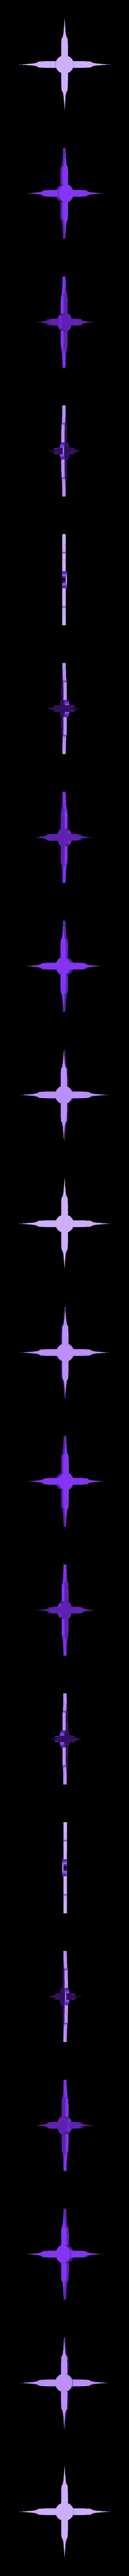 NEMA_Extruder_motor_rotation_indicator_8mm.stl Télécharger fichier STL gratuit Indicateur de rotation du moteur NEMA (extrudeuse) (Prusa MK2(S)/MK2.5/MK3/MMMU2) • Modèle à imprimer en 3D, petclaud